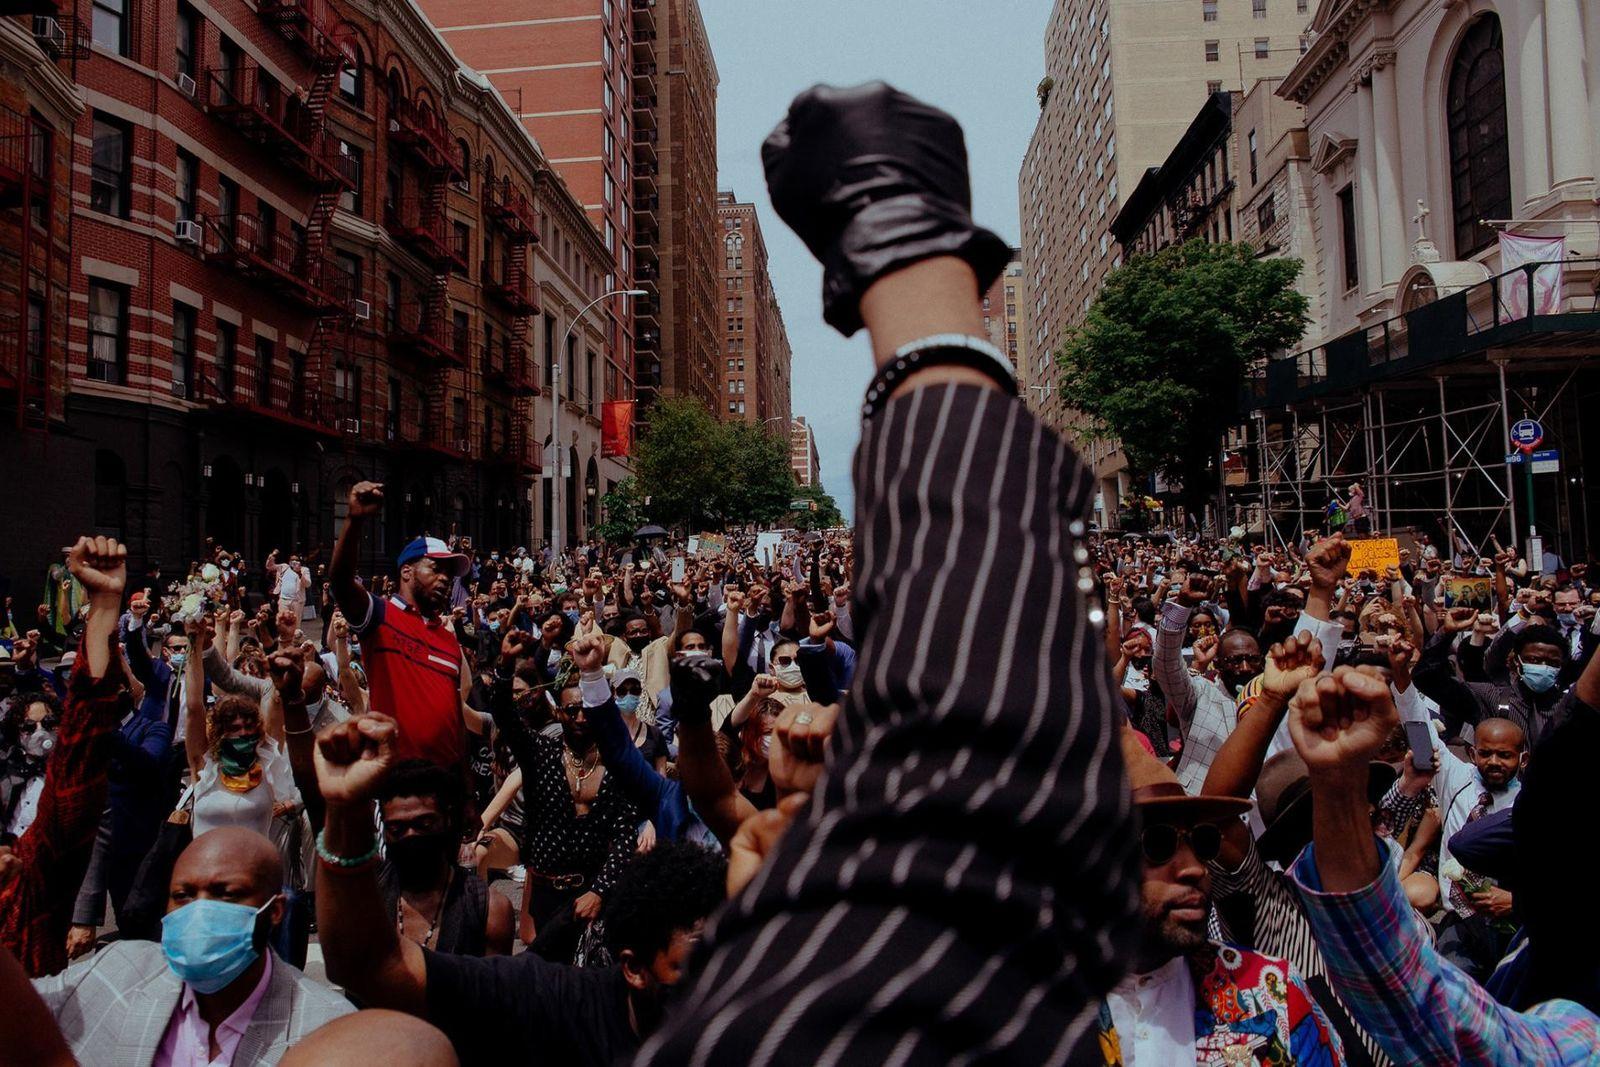 2020 Não é 1968: Para Compreender os Protestos da Atualidade, Precisamos de Olhar Para o Passado